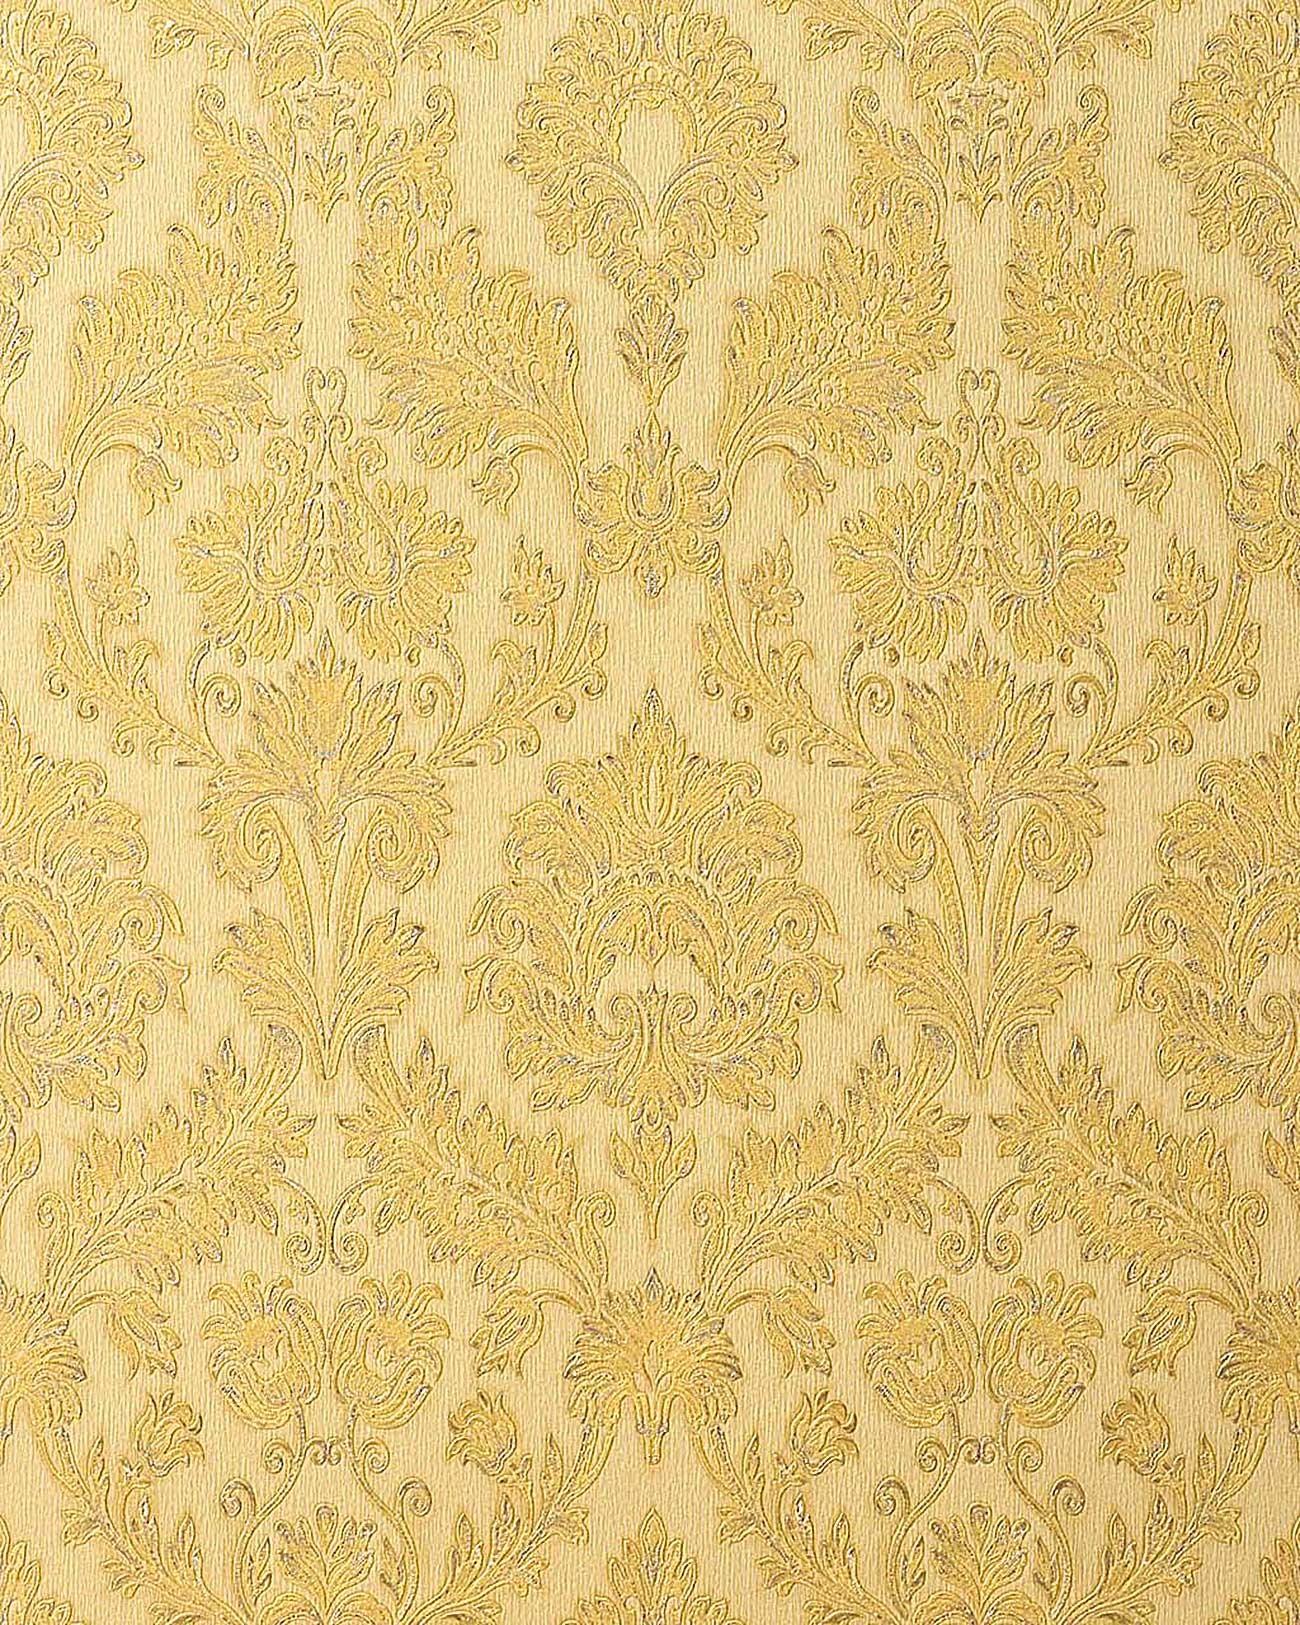 papier peint style baroque edem 708 31 beige cr me dor